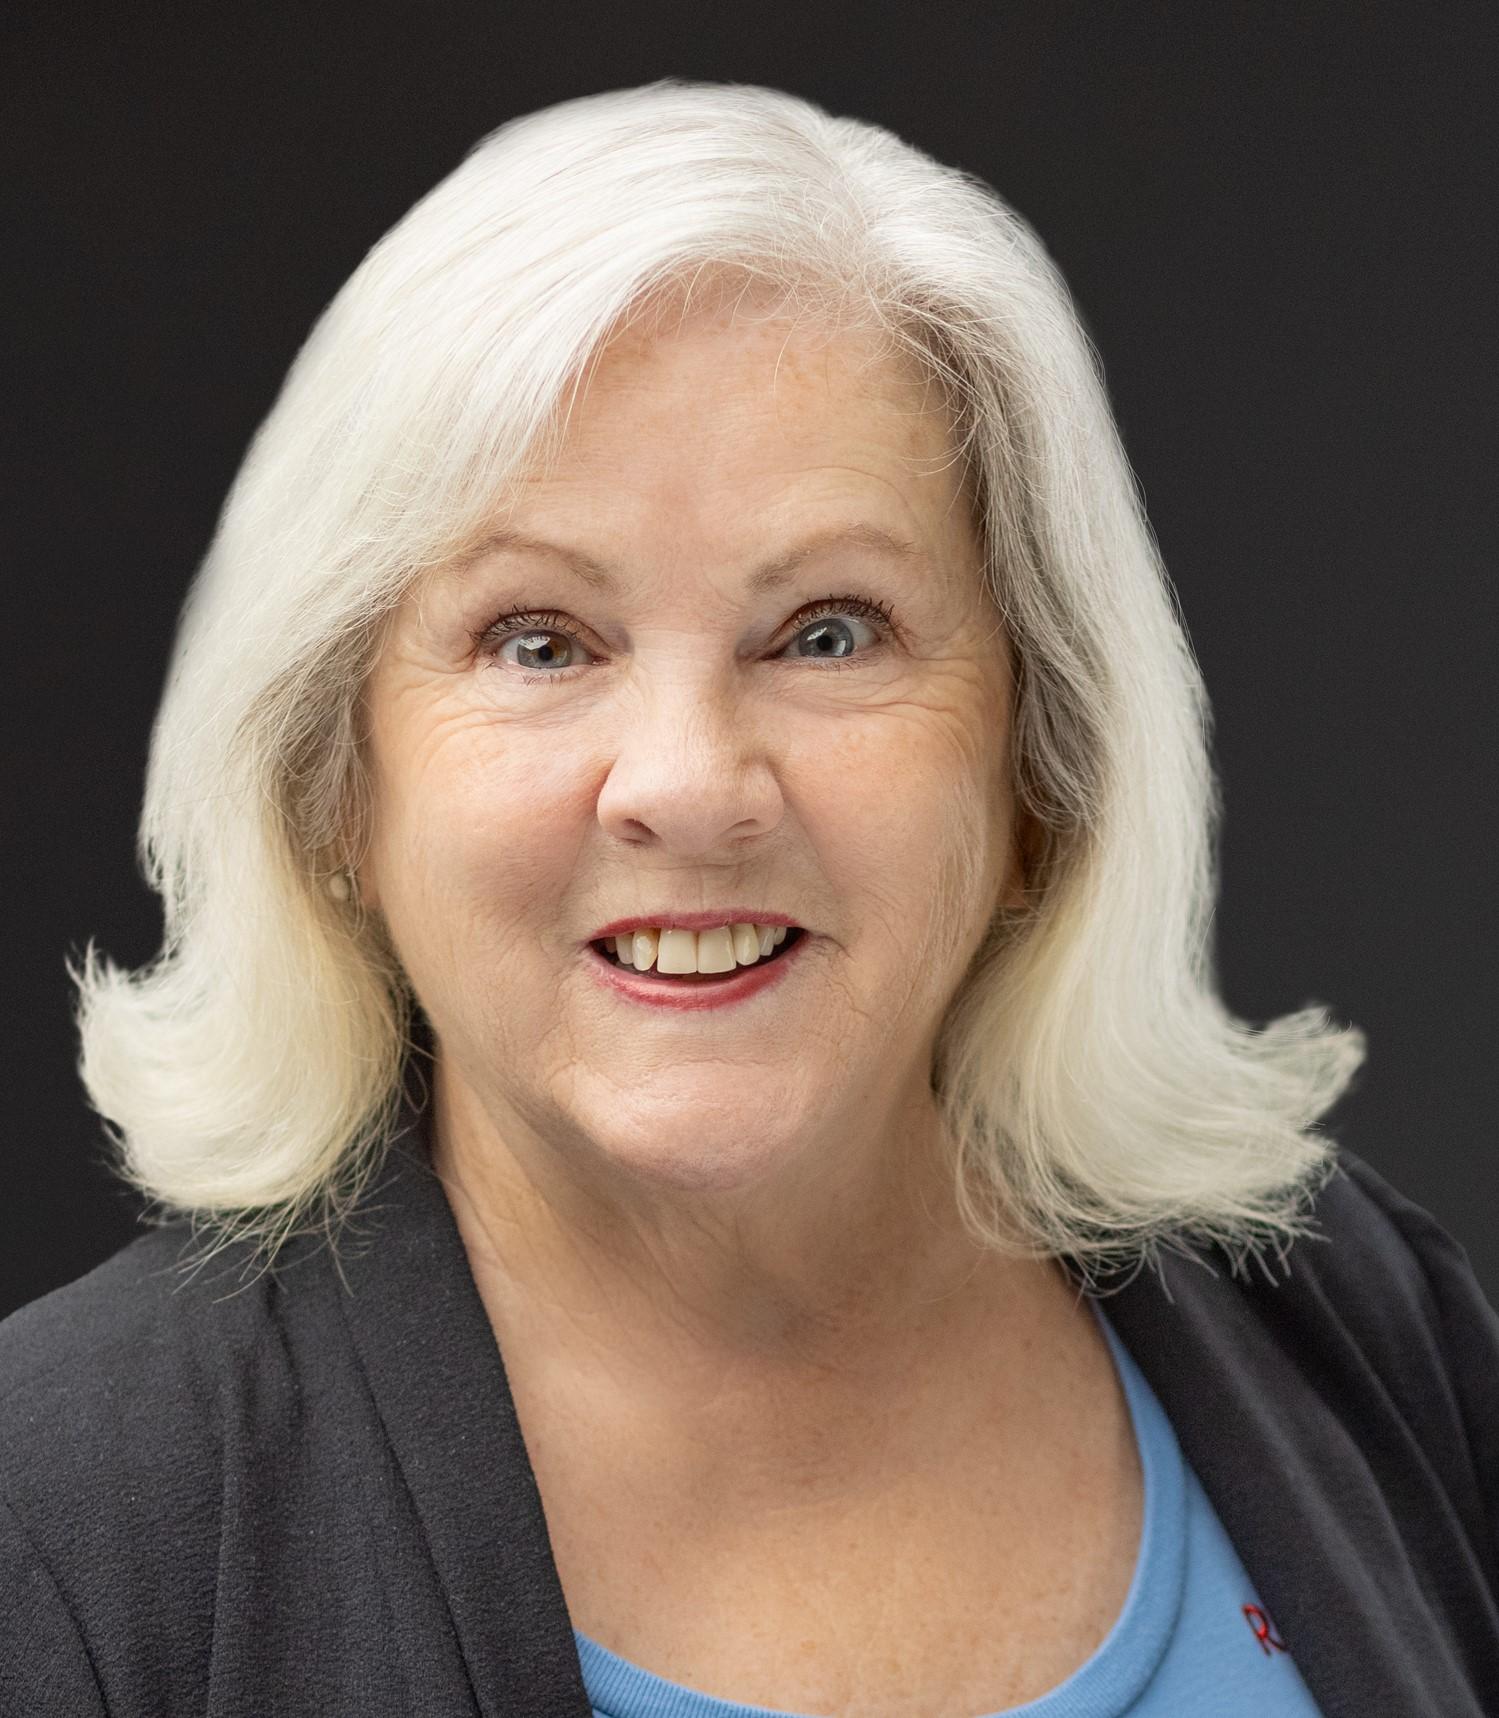 Cynthia Kieft